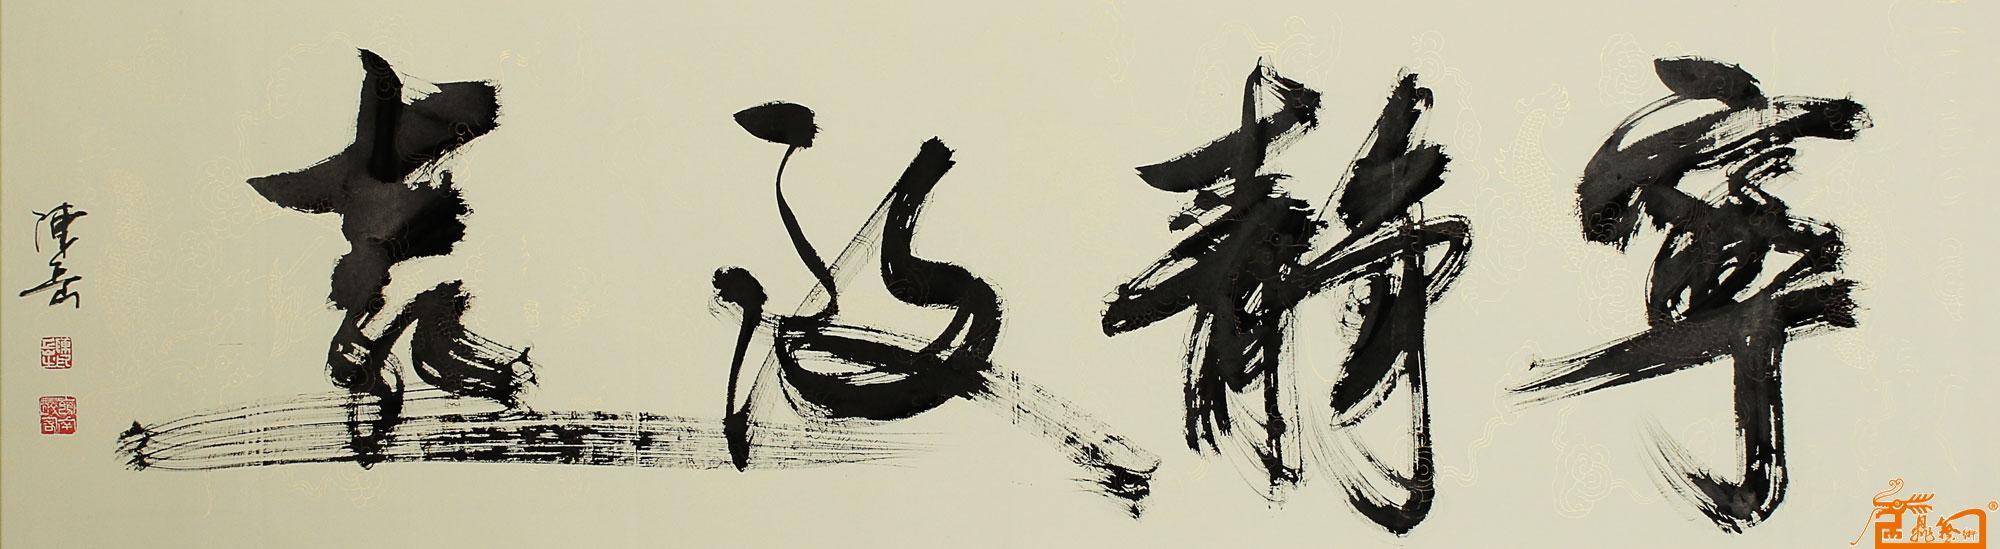 书法名家 陈岳 - 作品171图片